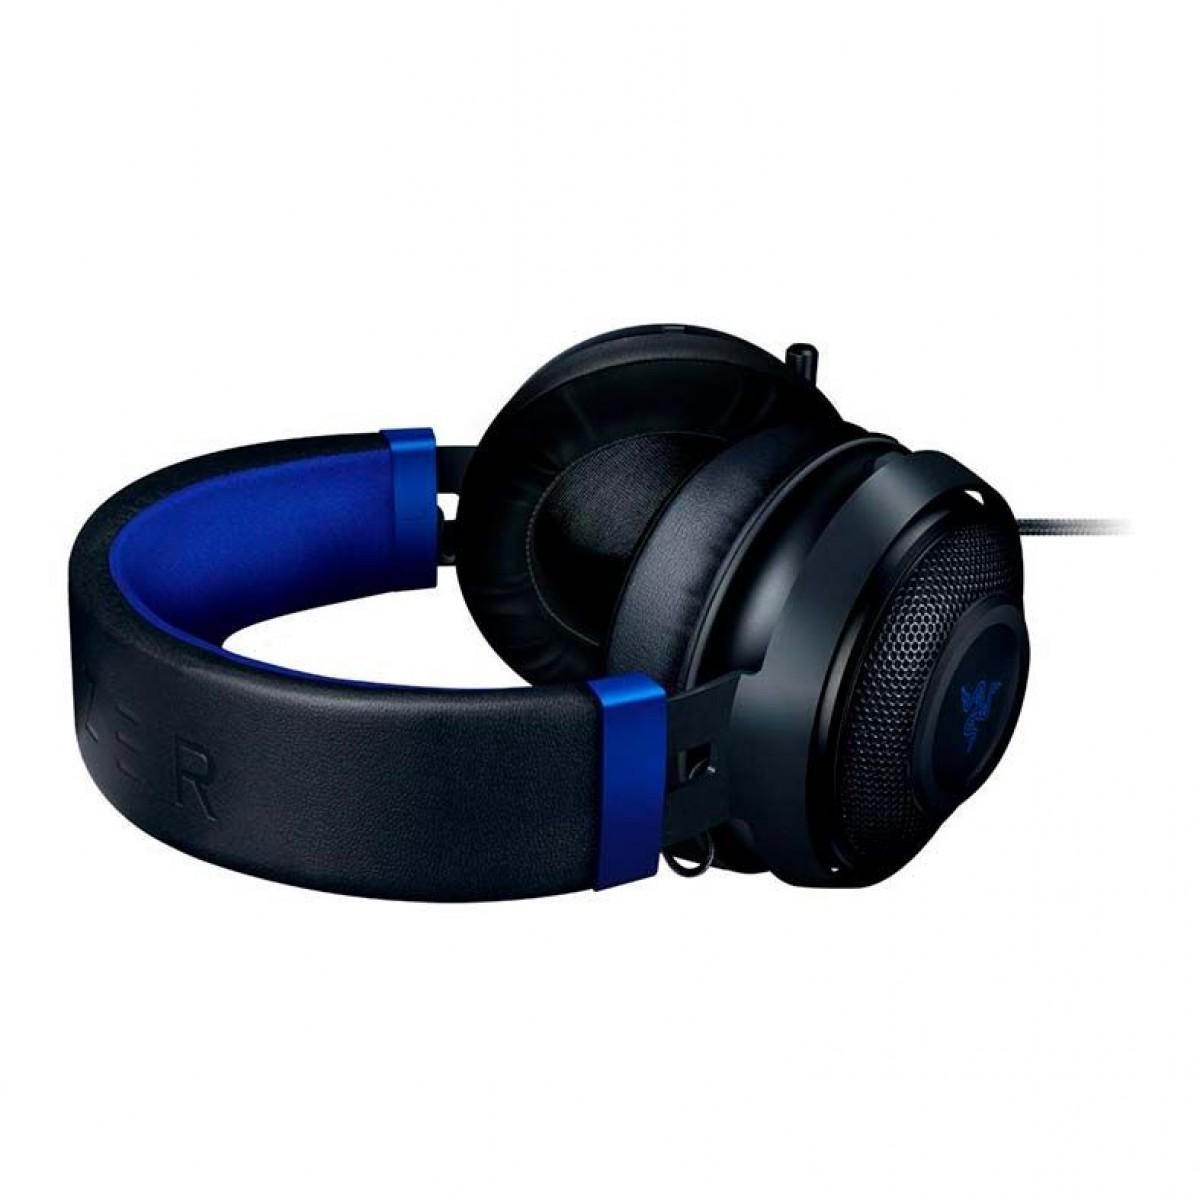 Headset Gamer Razer Kraken, Console, P2, Black/Blue, RZ04-02830500-R3U1